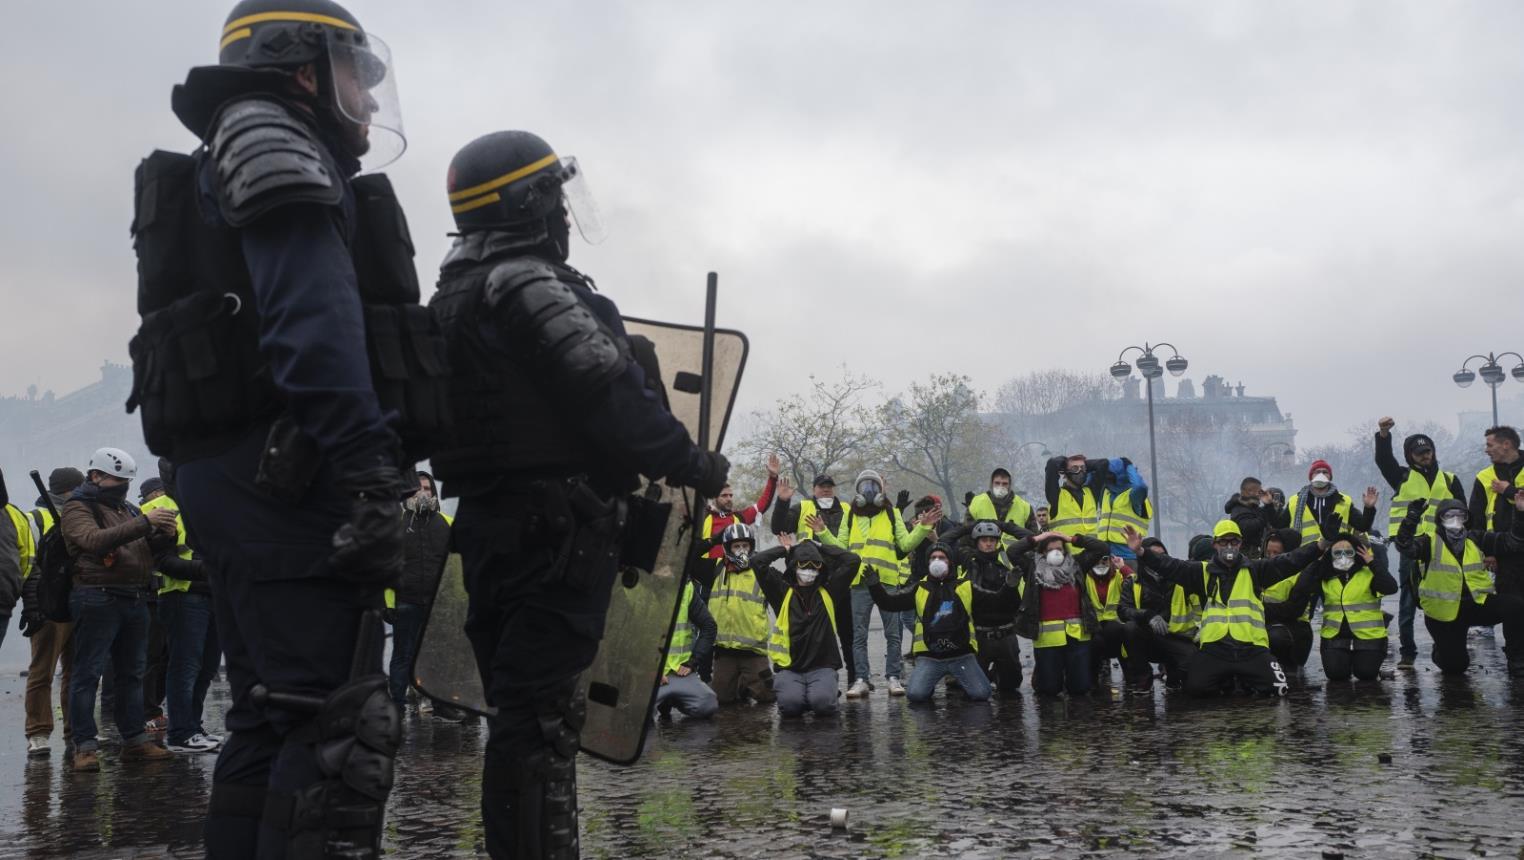 فرنسا: اشتباكات بين الشرطة ومتظاهرين خلال مسيرات عيد العمال في باريس